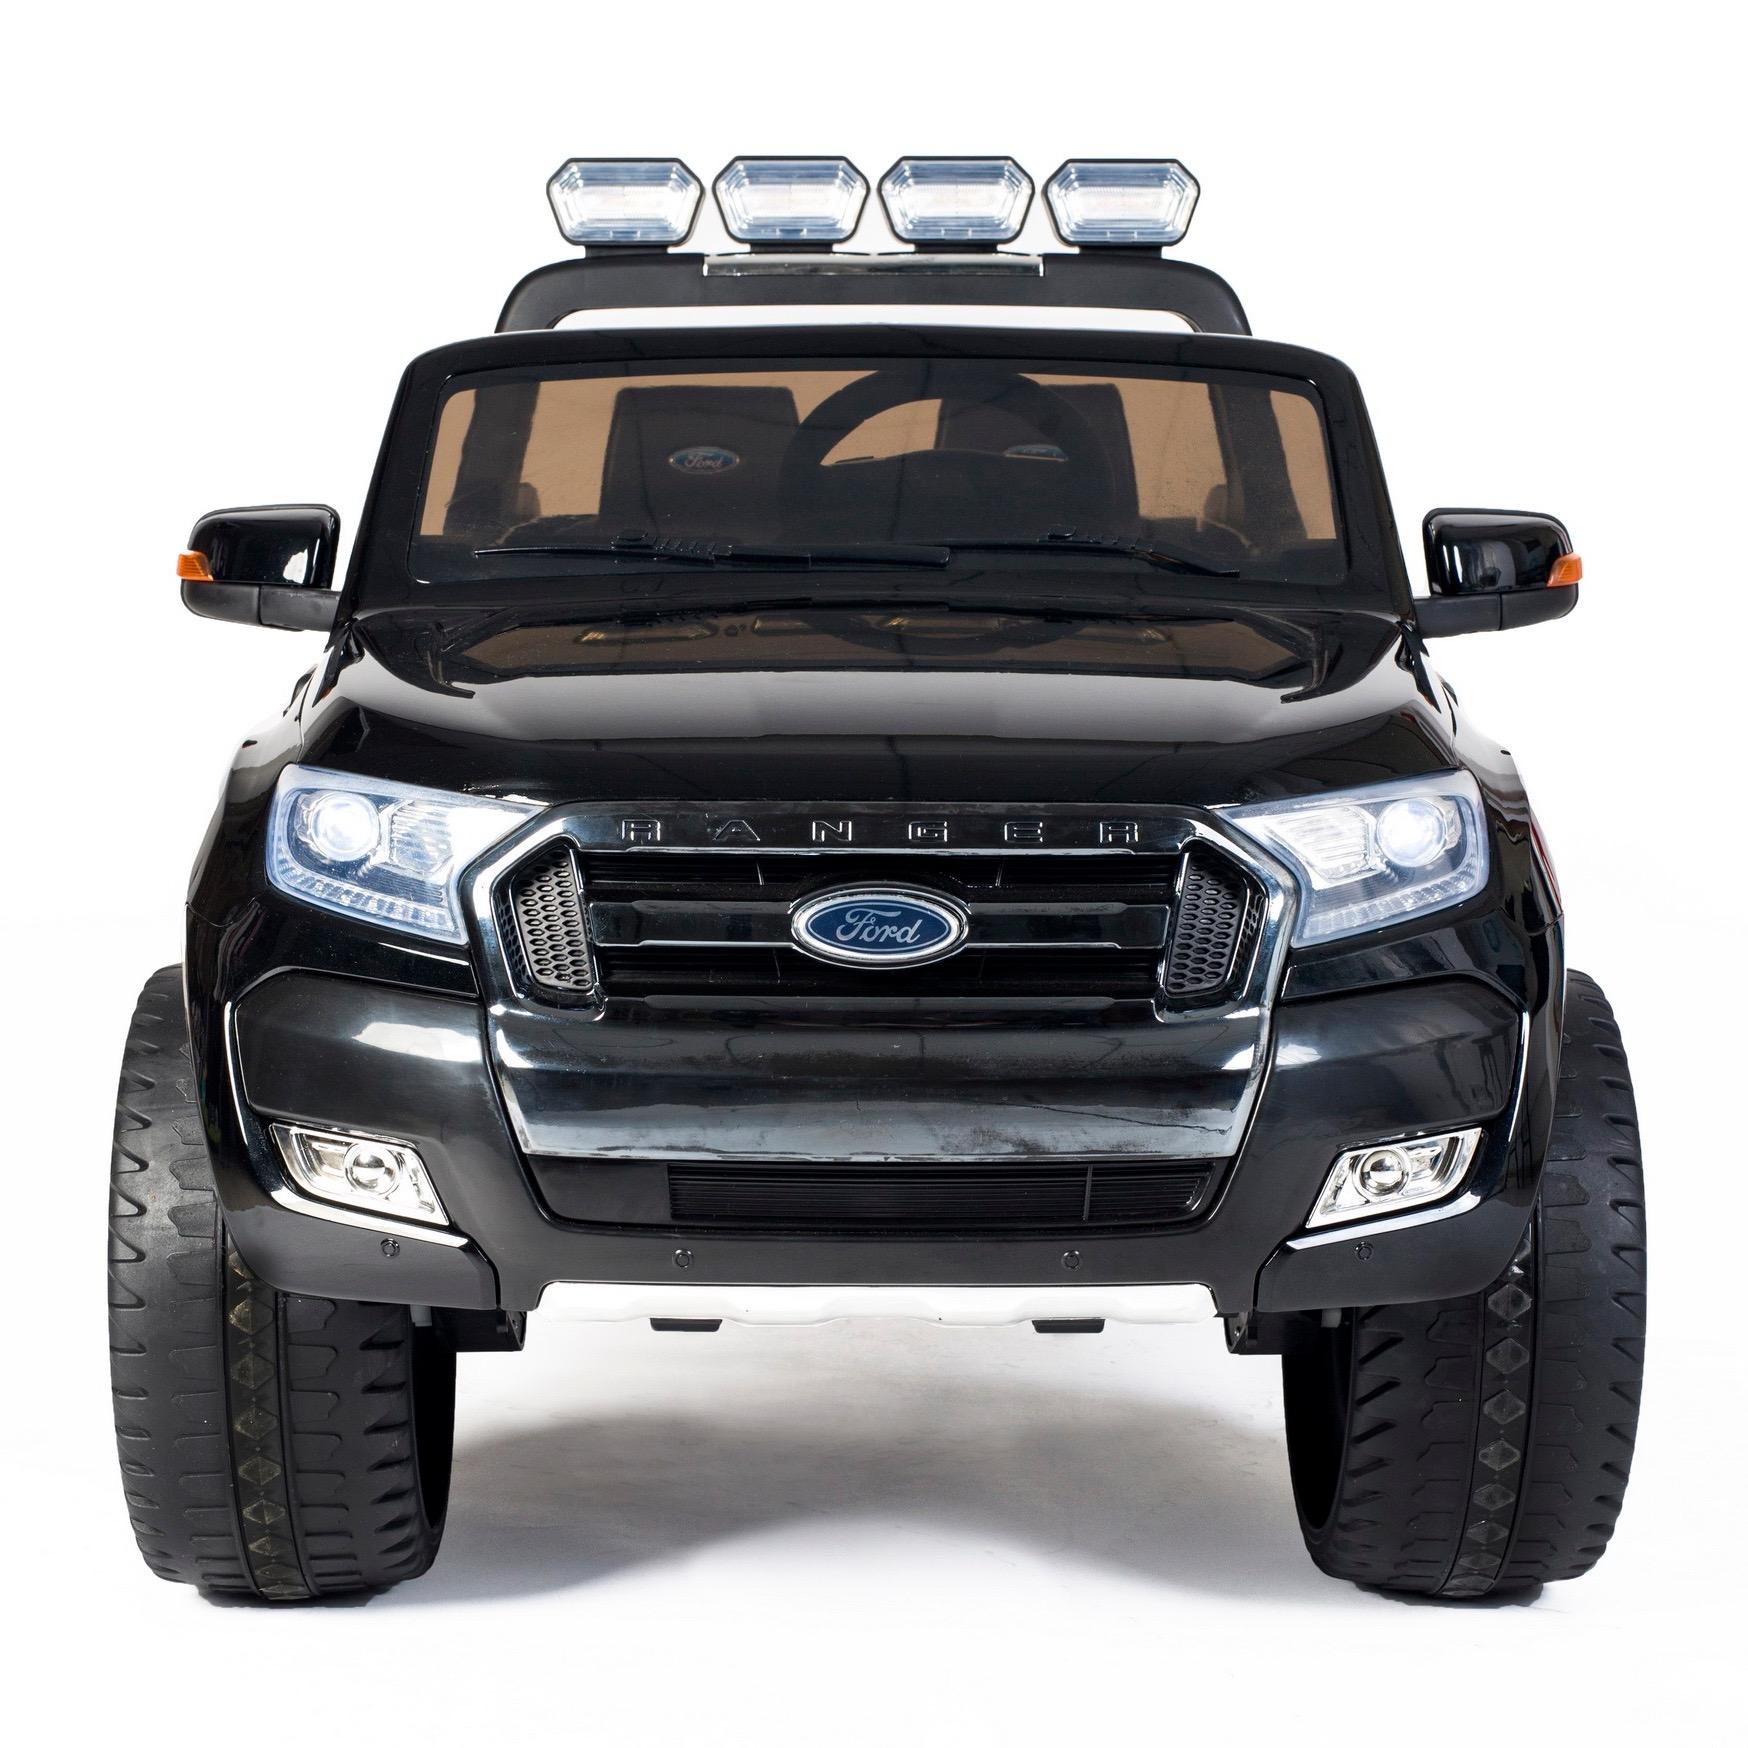 Sentinel ford ranger wildtrak licensed 4wd 24v battery ride on jeep black